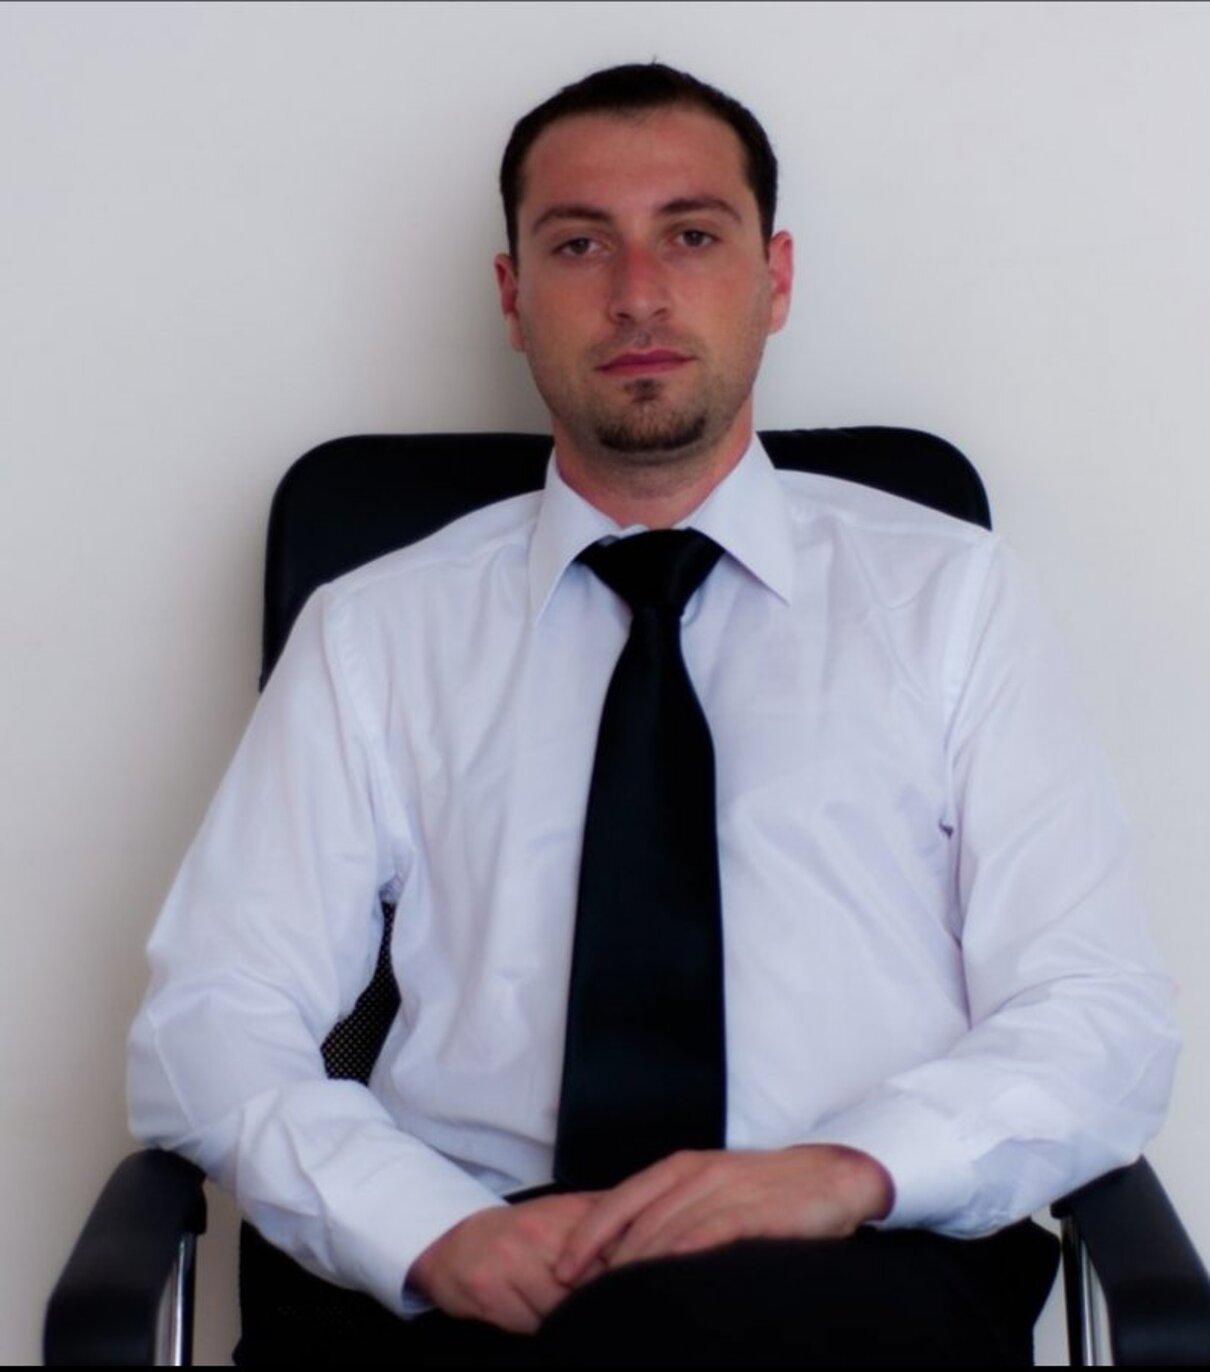 Жалоба-отзыв: Сергей Шафиров -адвокат мошенник и хулиган из Израиля! Меня избил и ограбил адвокат Шафиров! Он не адвокат, у него фальшивая лицензия!!!! СЕРГЕЙ ШАФИРОВ -АДВОКАТ #ИЗРАИЛЬ # ВОР #ИЗБИЛ МЕНЯ! - Сергей Шафиров -адвокат мошенник и хулиган из Израиля! Меня избил и ограбил адвокат Шафиров! Он не адвокат, у него фальшивая лицензия!!!! СЕРГЕЙ ШАФИРОВ -АДВОКАТ #ИЗРАИЛЬ # ВОР #ИЗБИЛ МЕНЯ!.  Фото №1